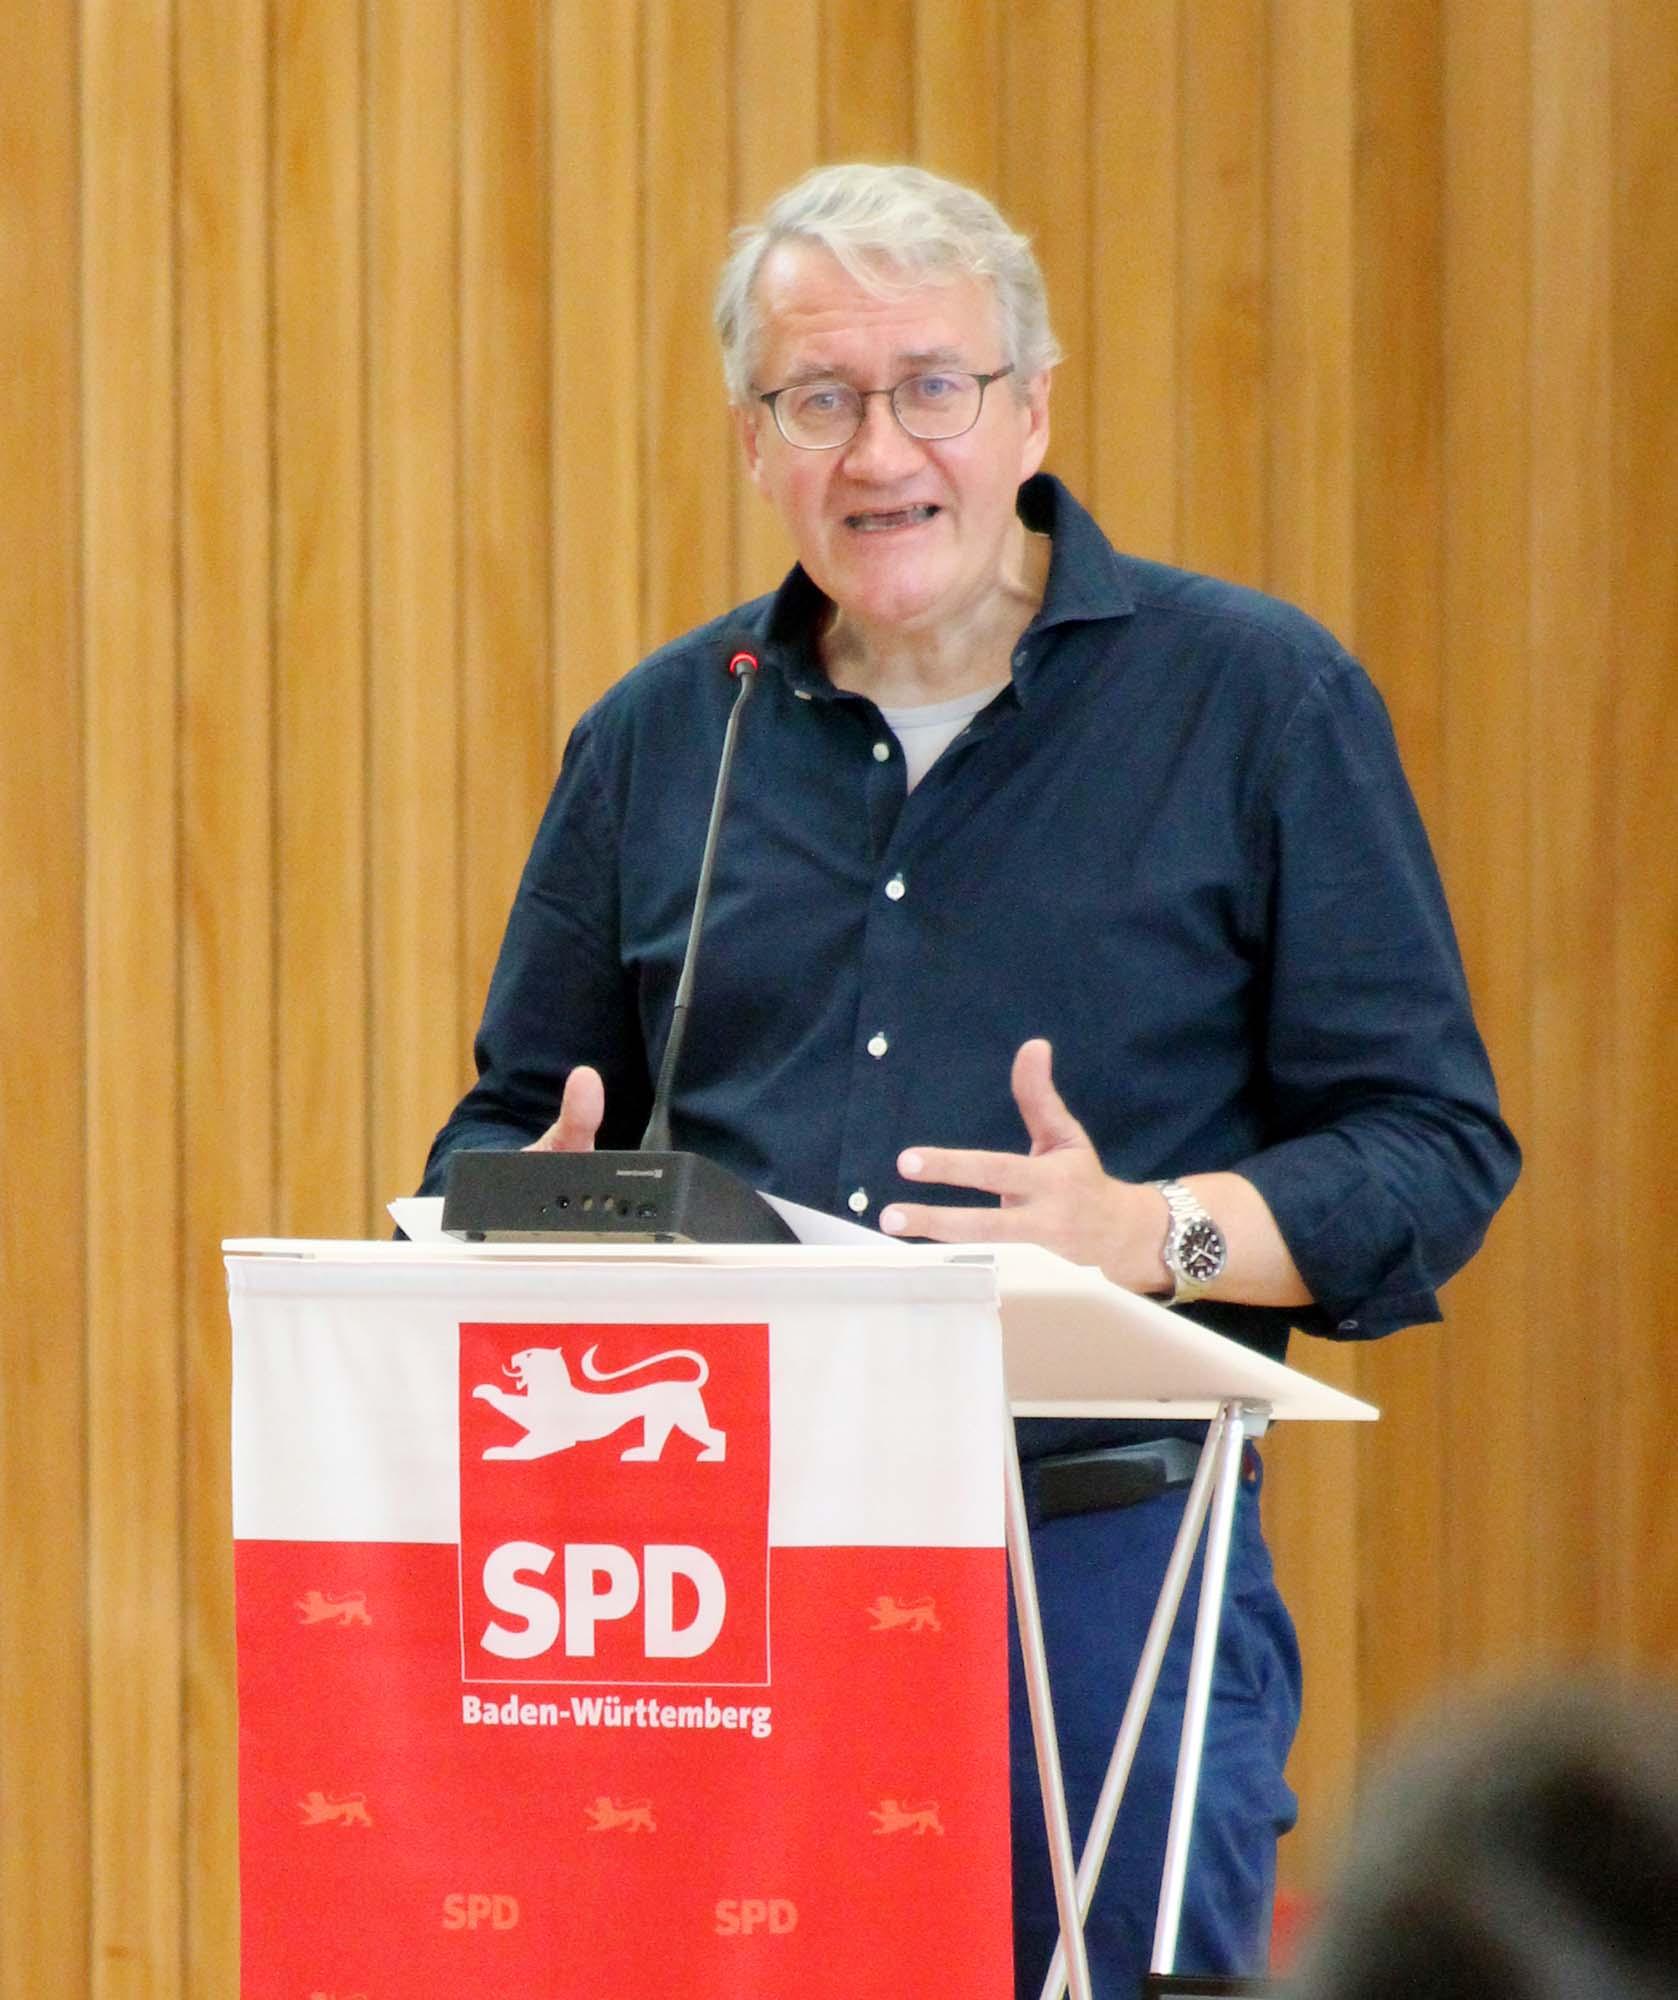 2021-7-7-OG-SPD- 003_Matthias_Katsch_SPD